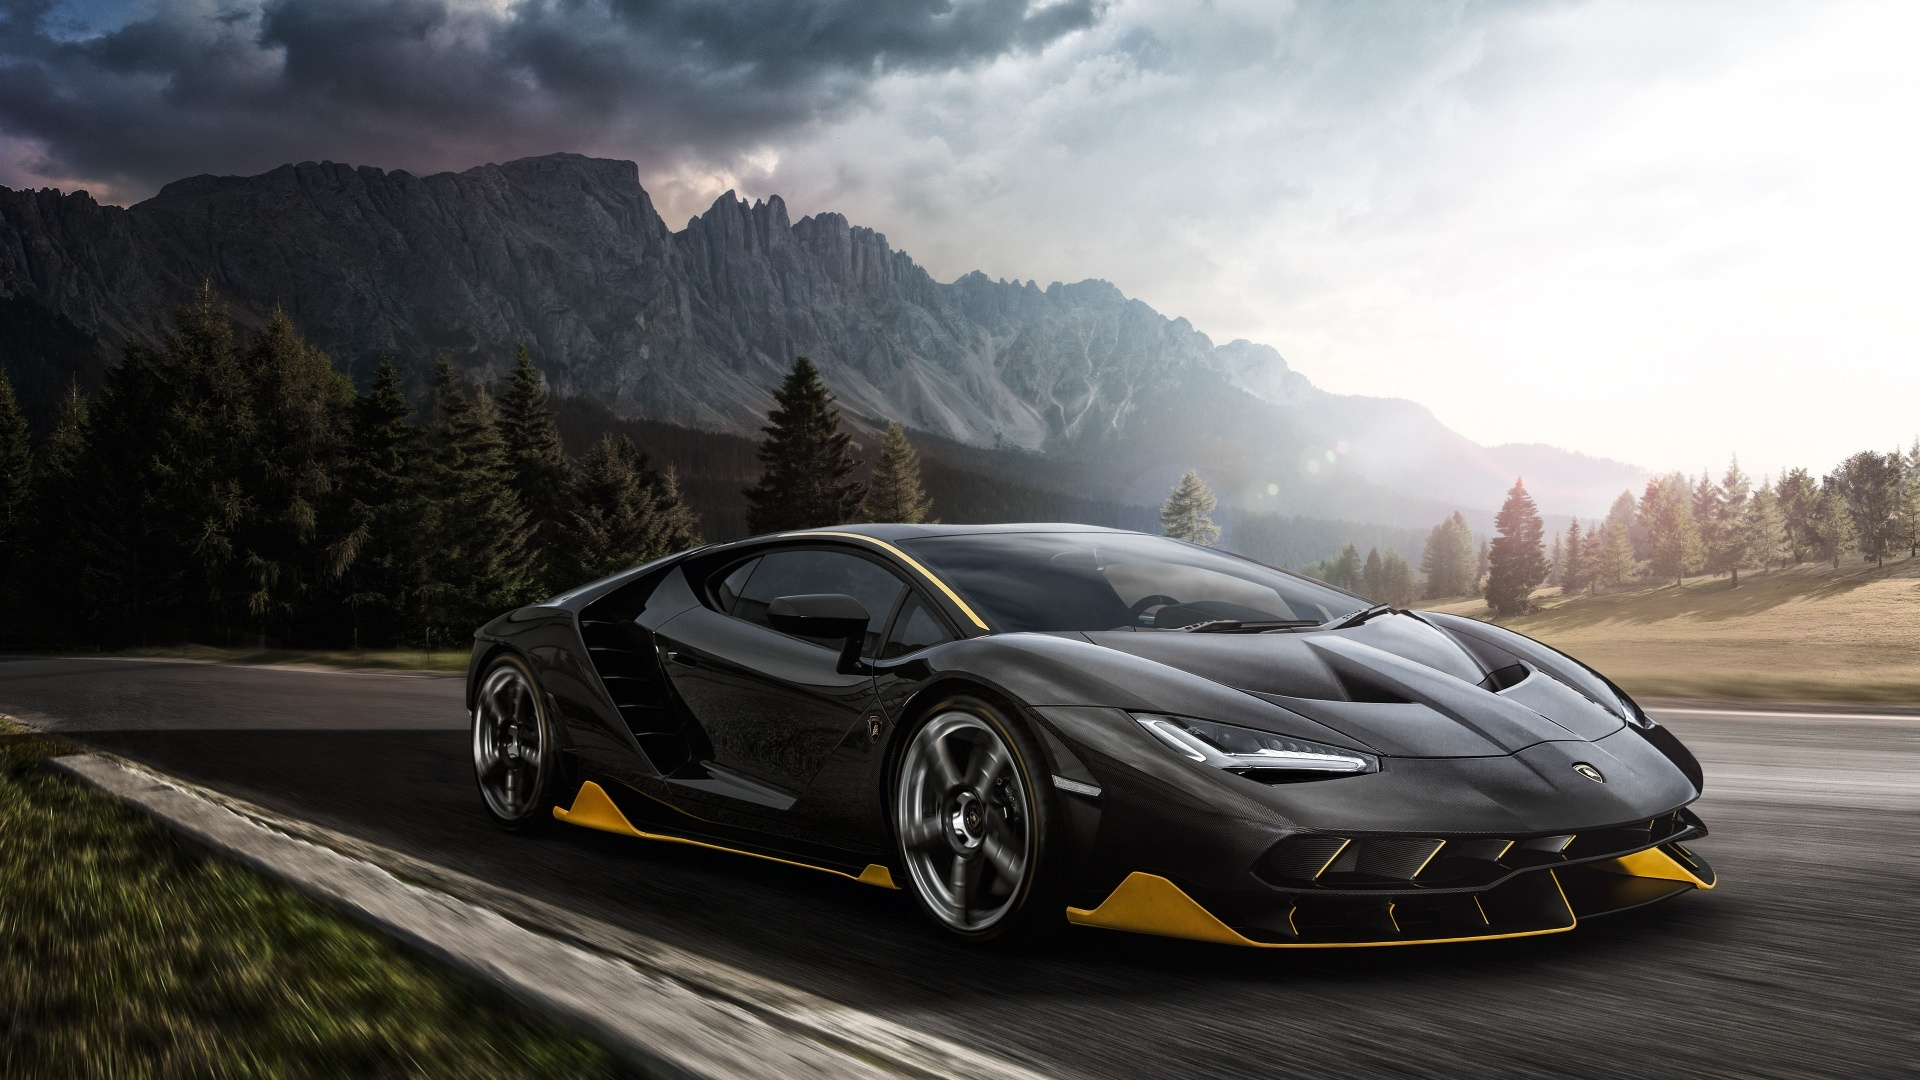 Lamborghini background picture